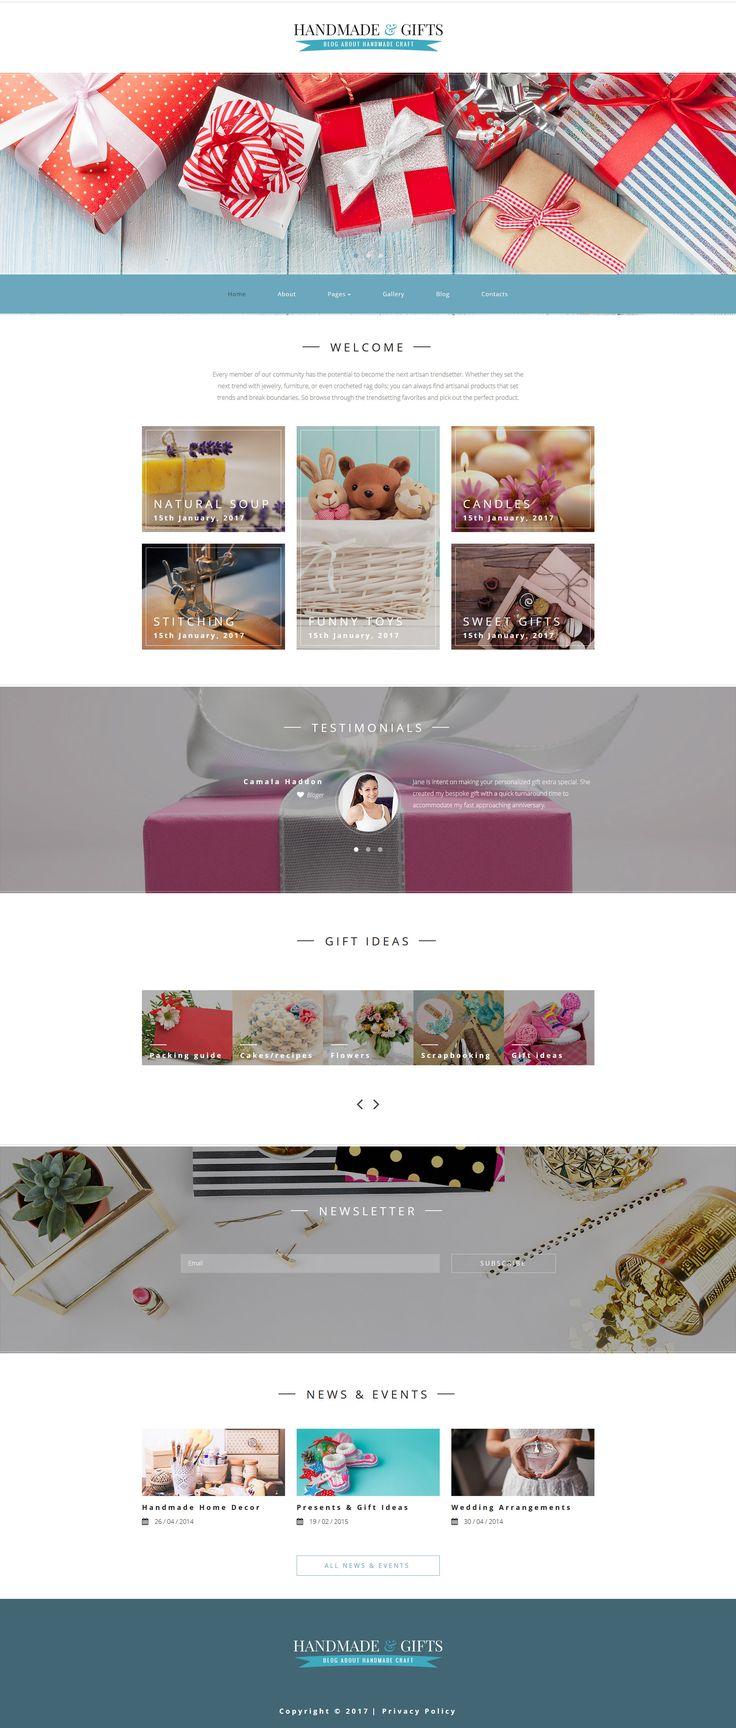 Gifts Store Responsive Joomla Template #62277 - https://www.templatemonster.com/joomla-templates/gifts-store-responsive-joomla-template-62277.html